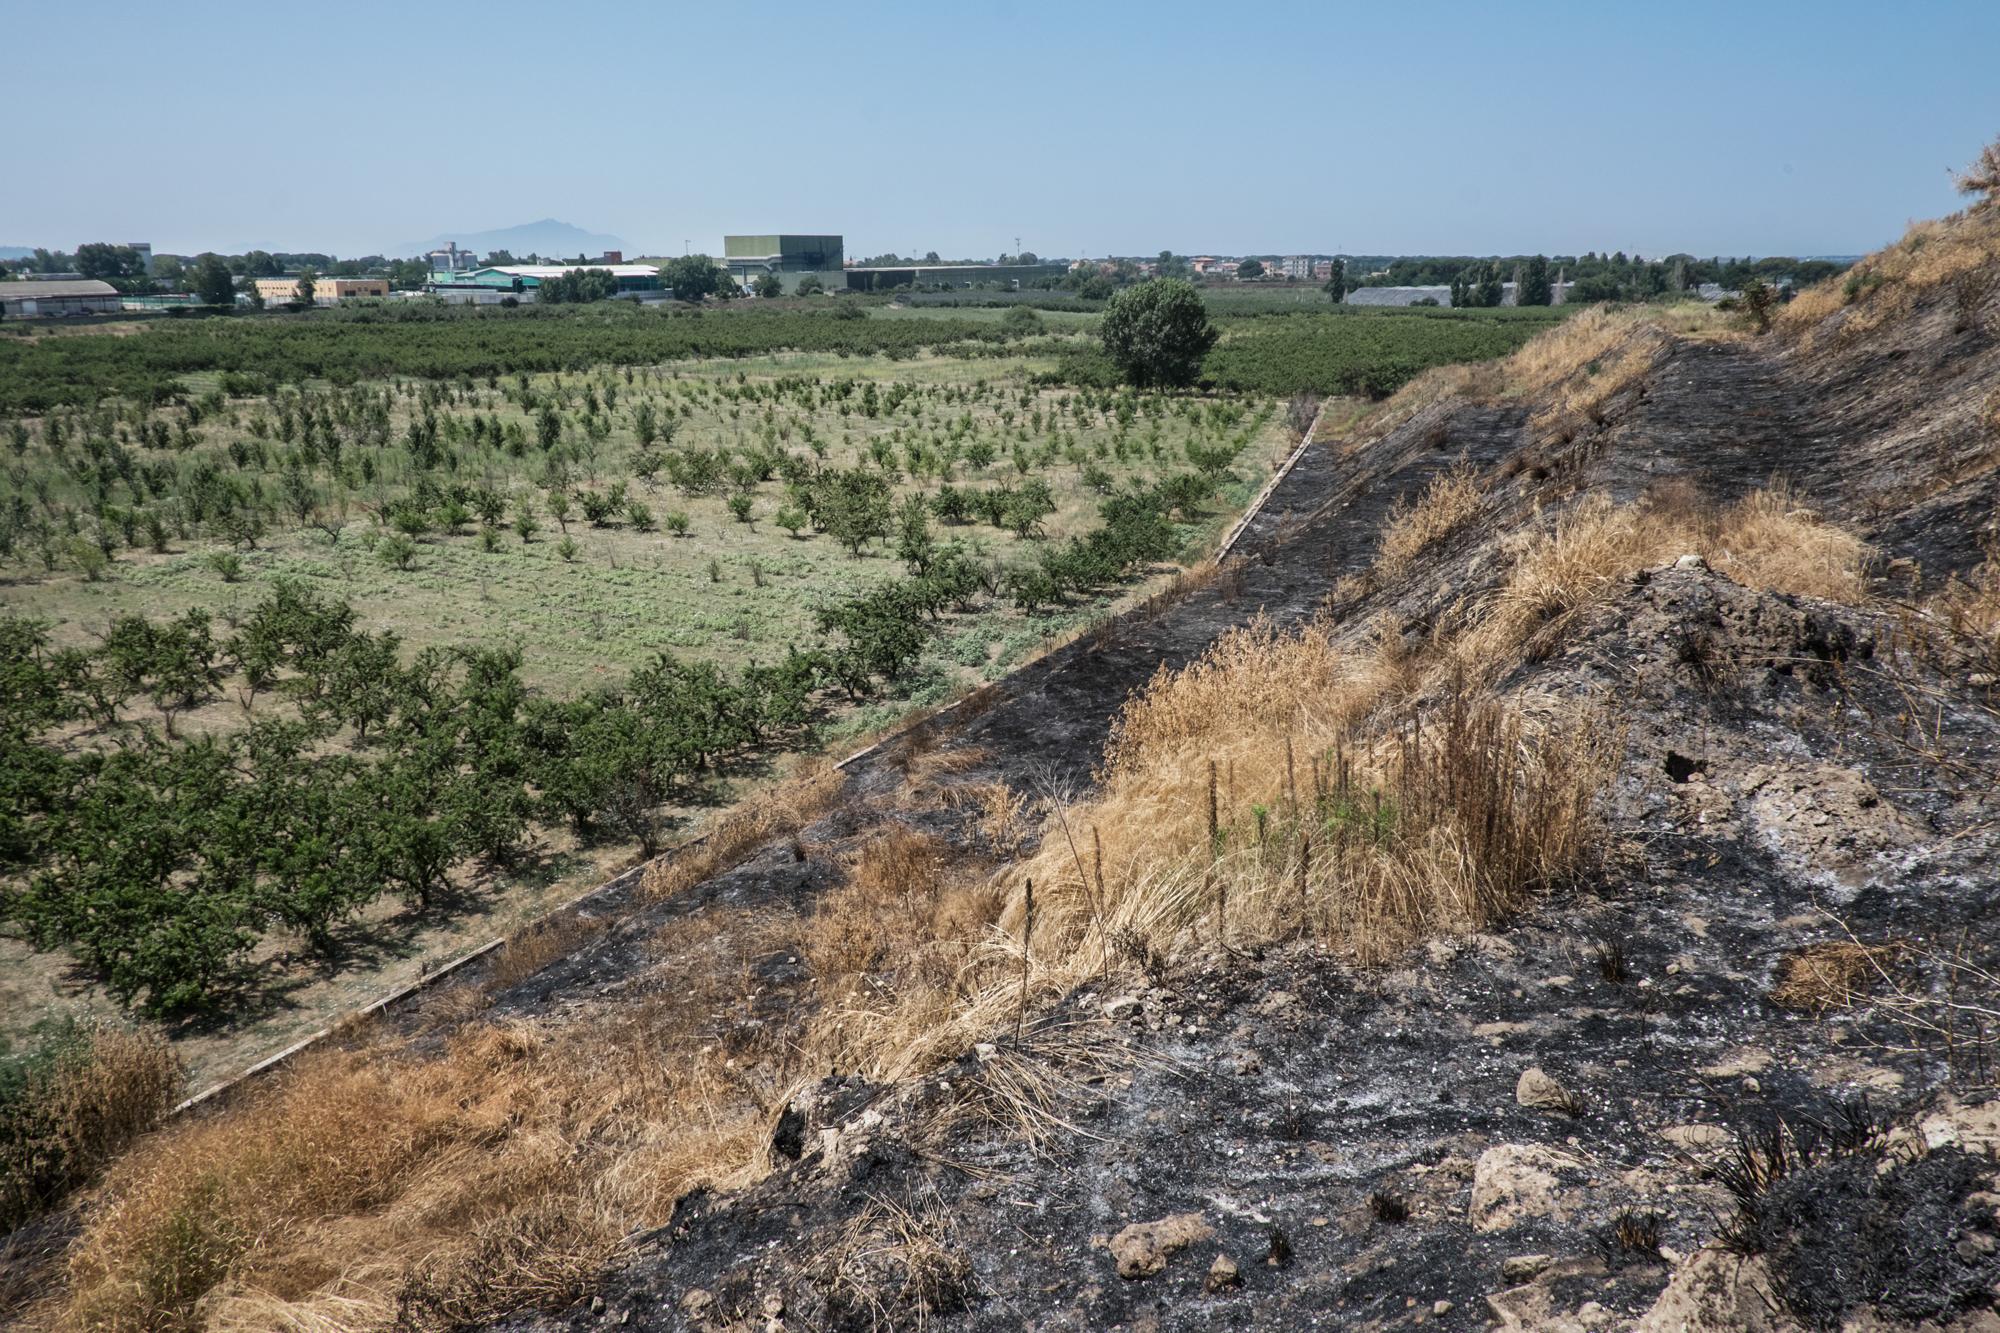 Discarica  Novambiente , Giugliano, (NA), 2015. Terreni agricoli coltivati confinano con la discarica.